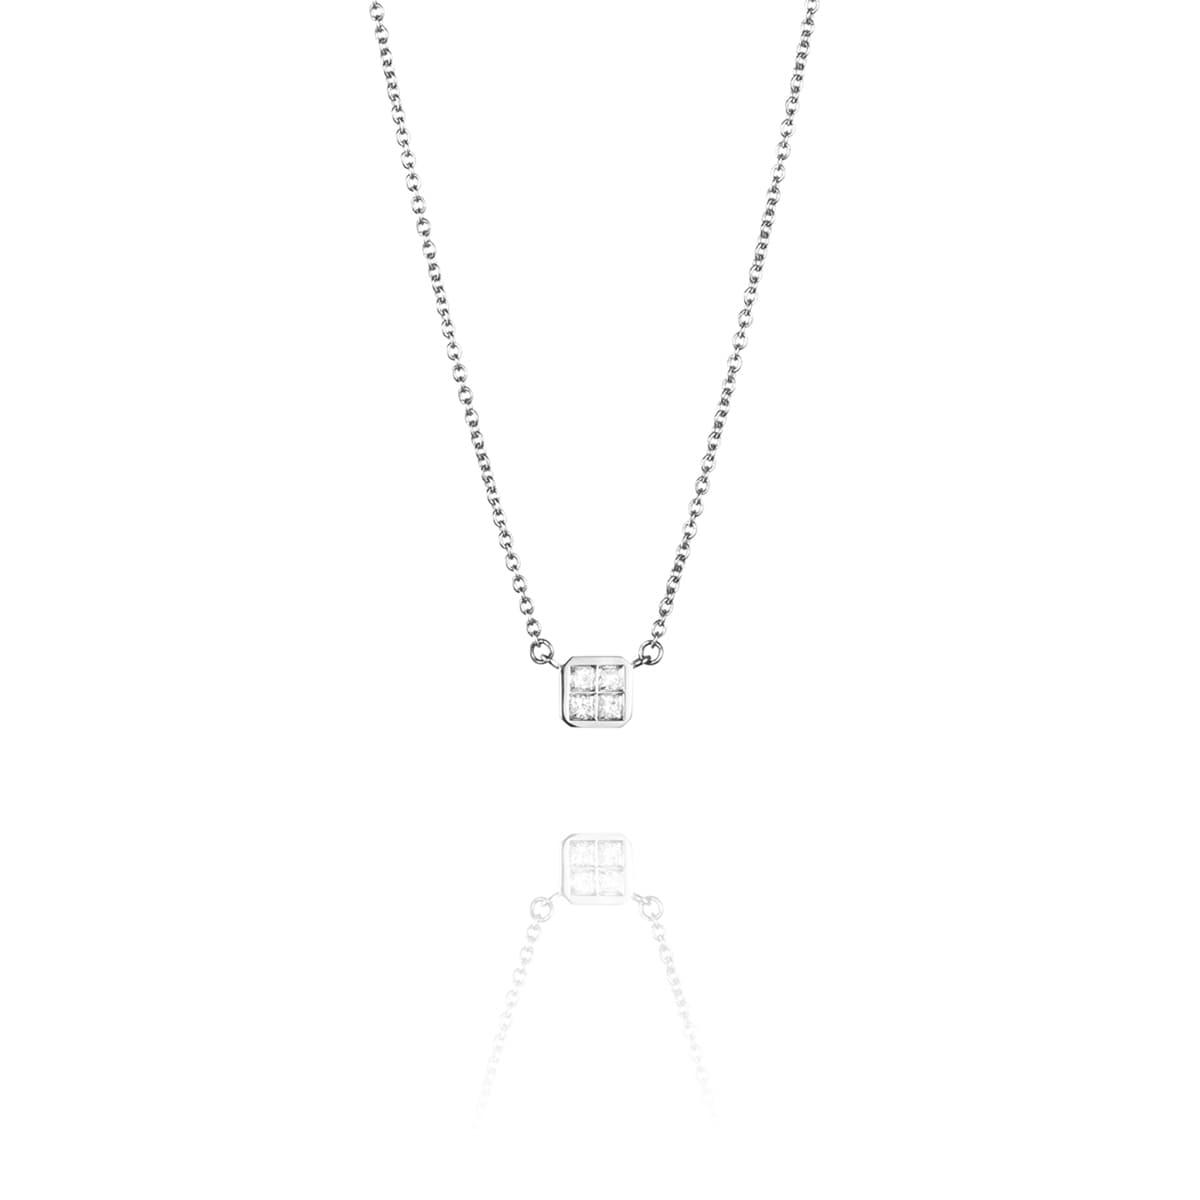 Efva_Attling_4_love_necklace_10-102-01551(2)_hos_Jarl_Sandin